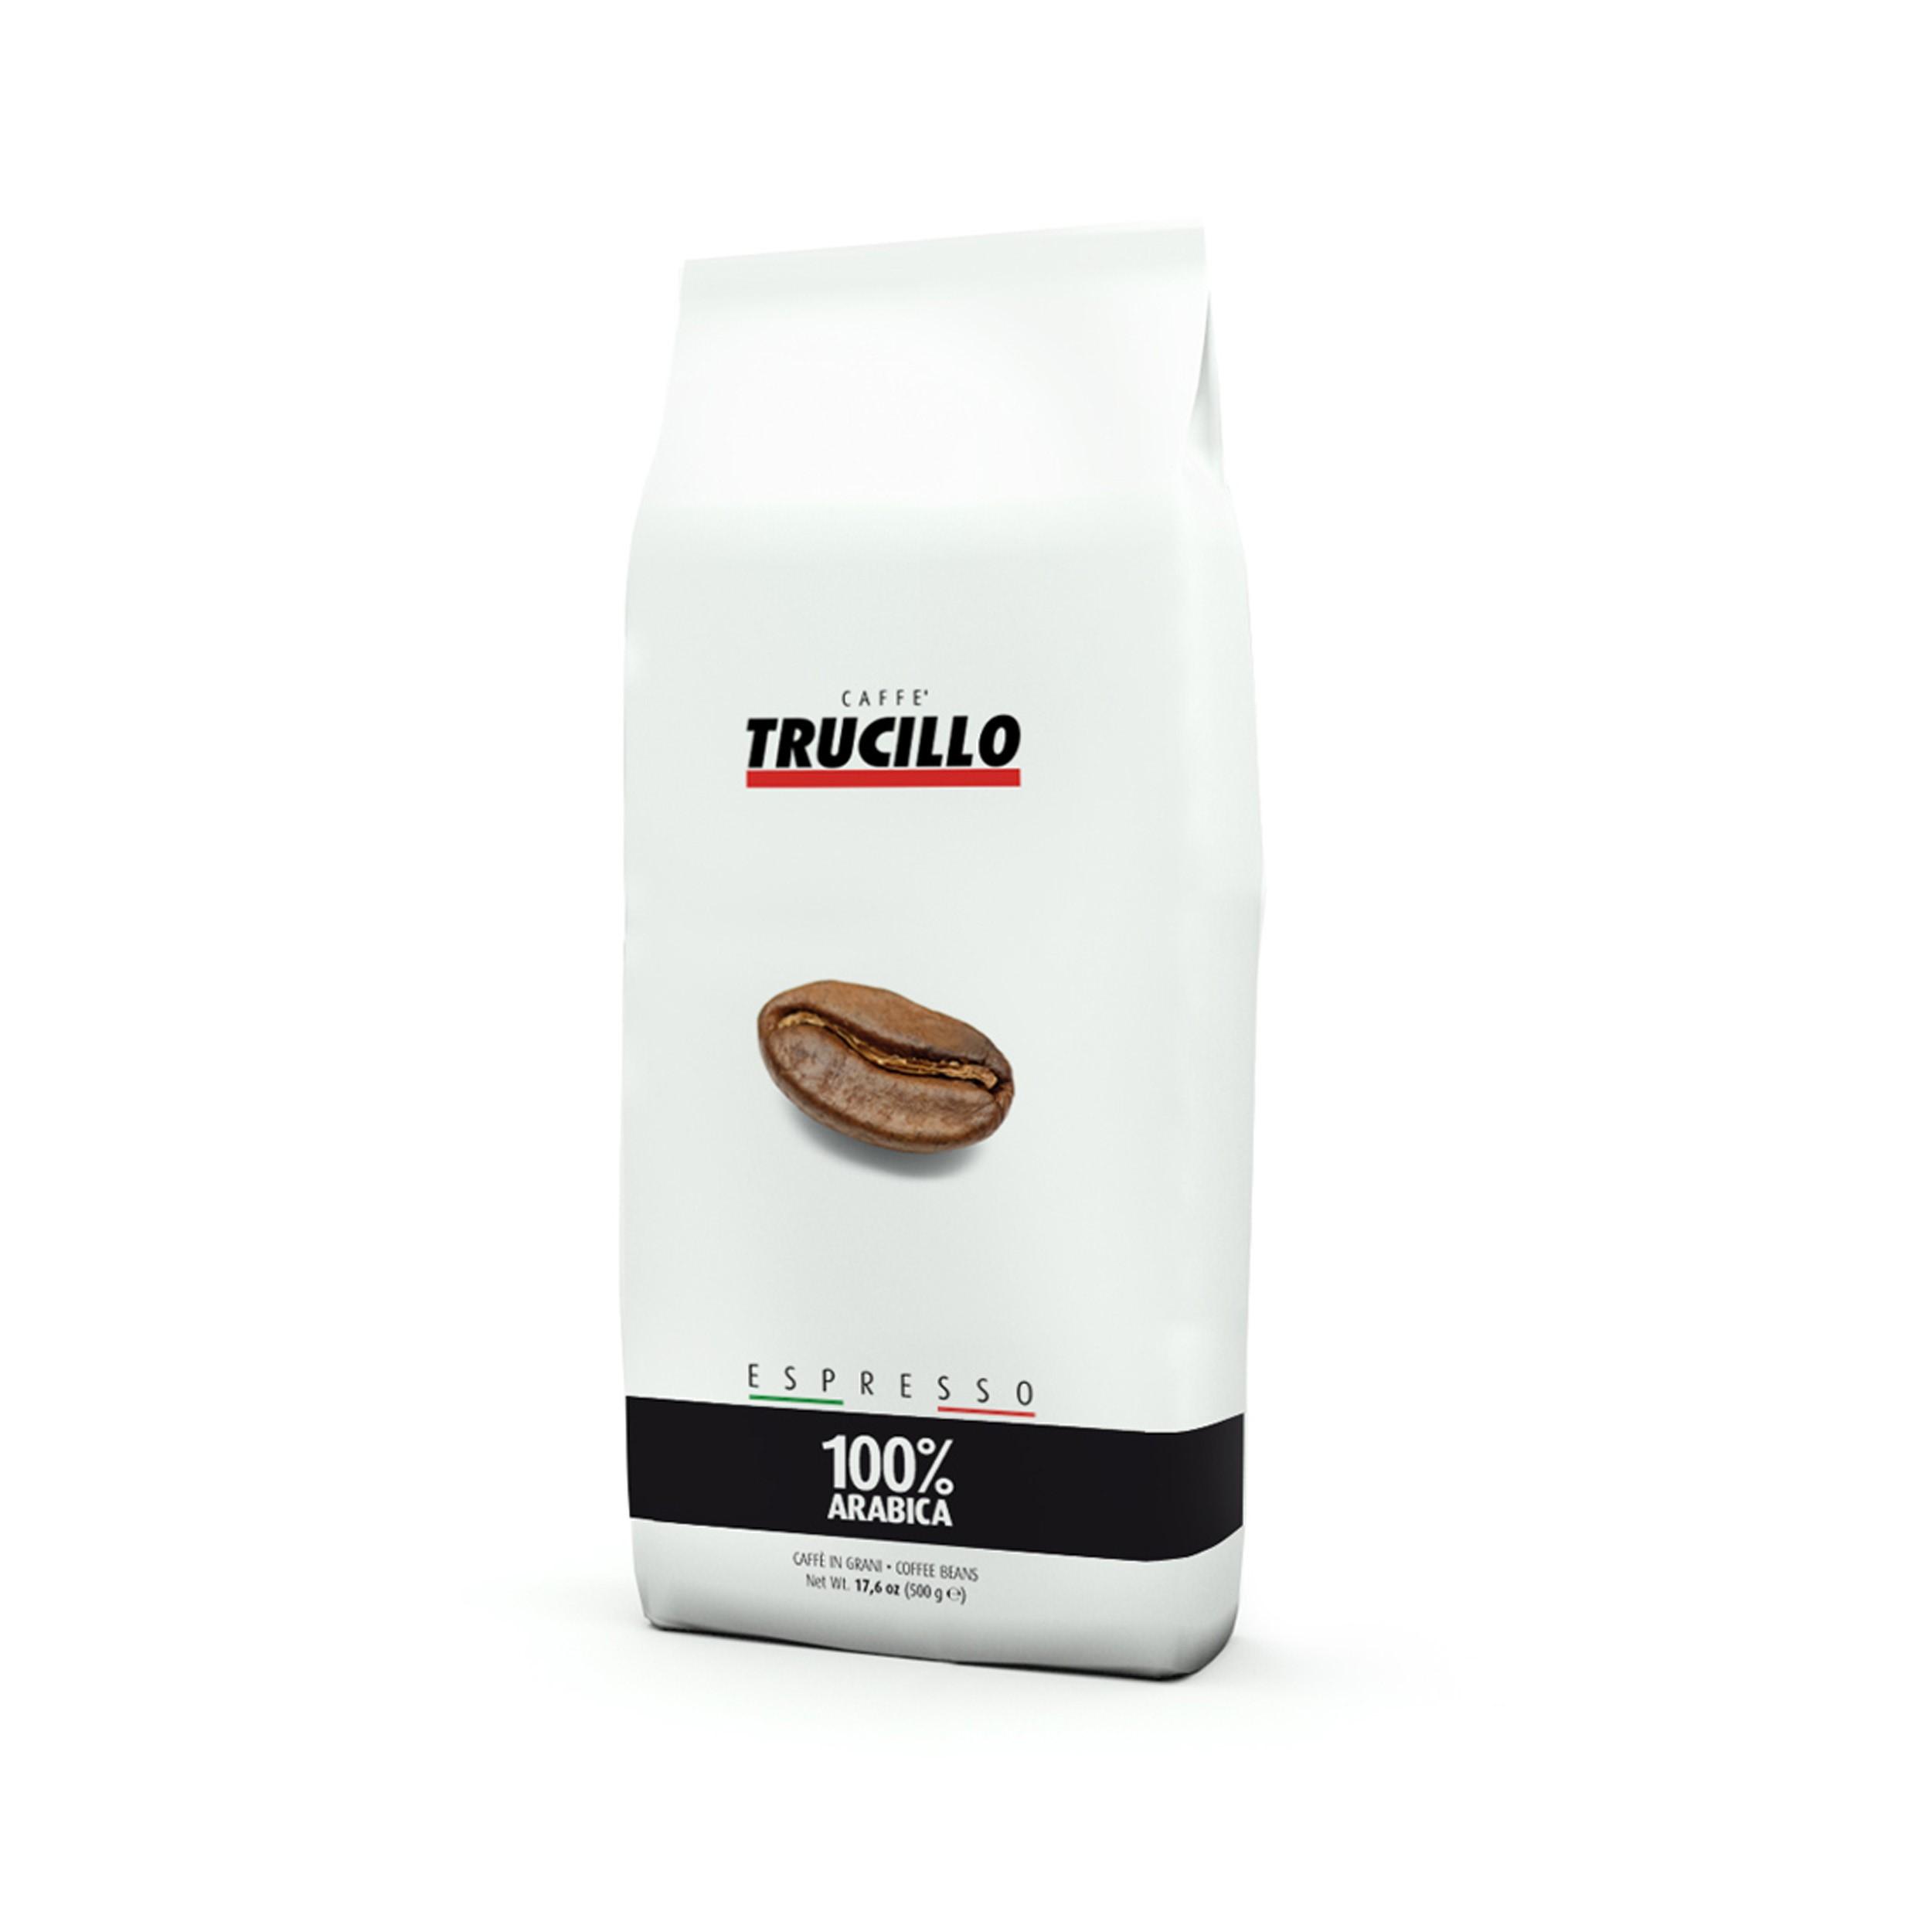 دانه قهوه بوداده تروچیلو مدل عربیکا بسته 1000 گرمی